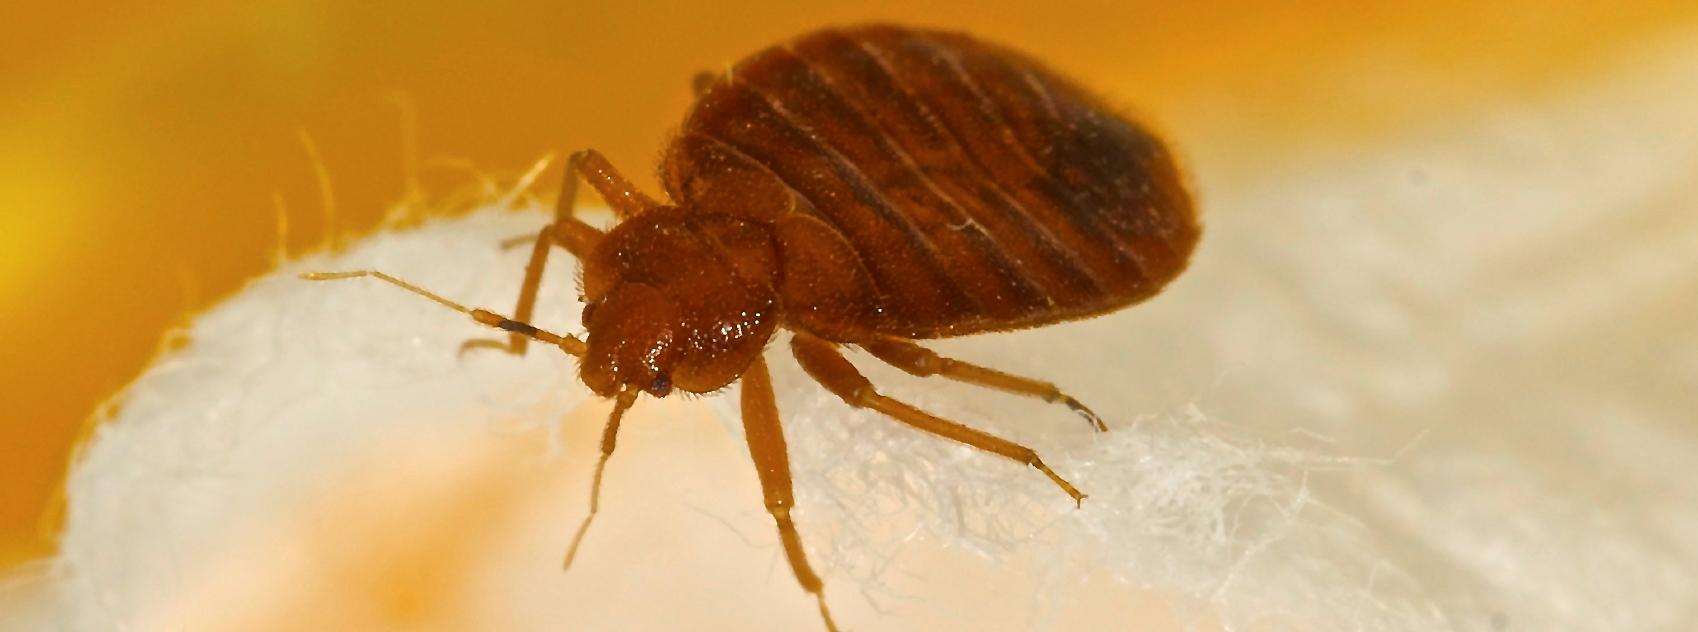 Bedbug problem